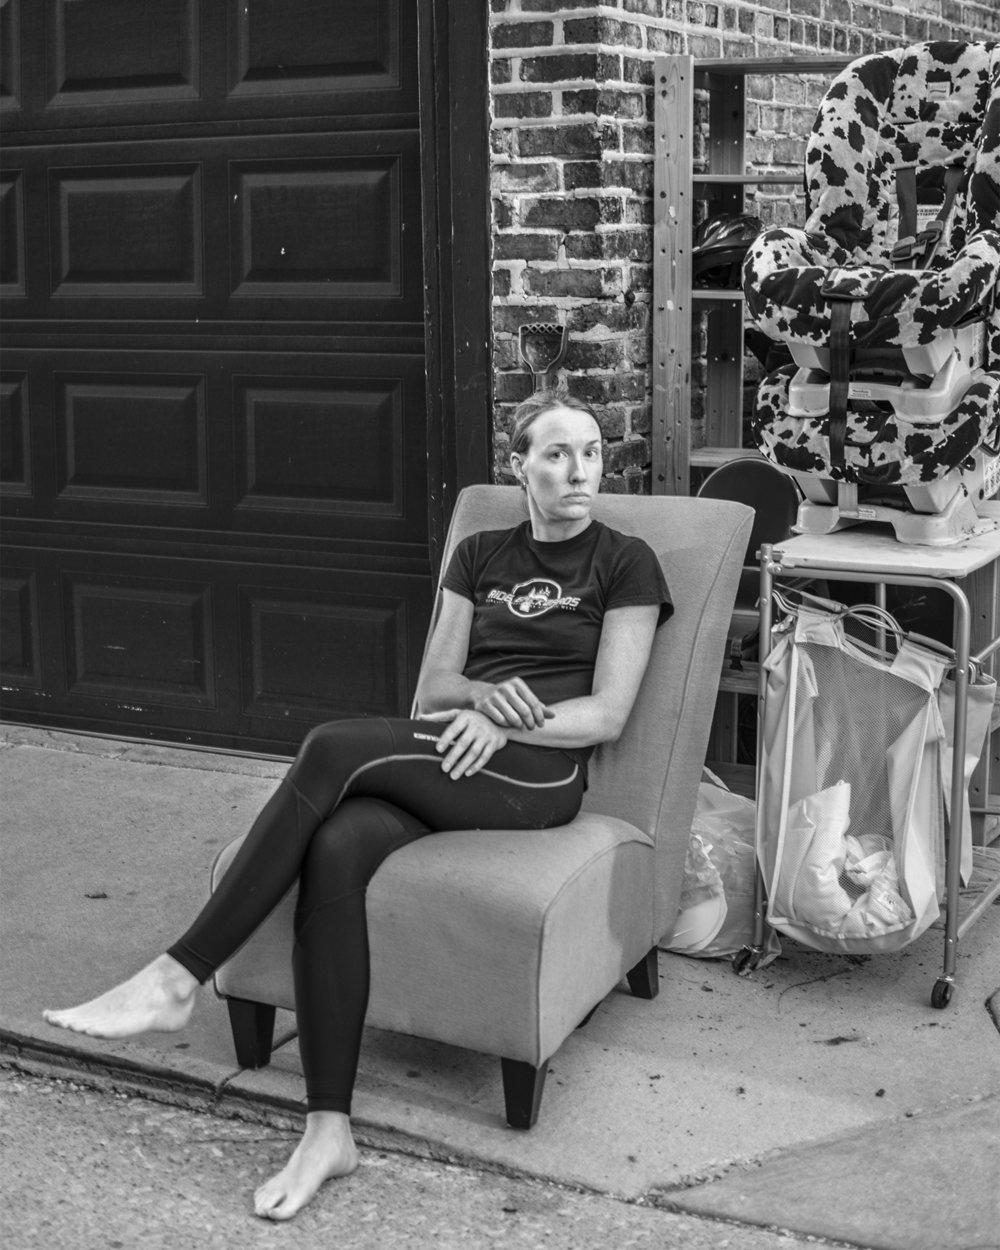 mel chair b&w_mz.jpg